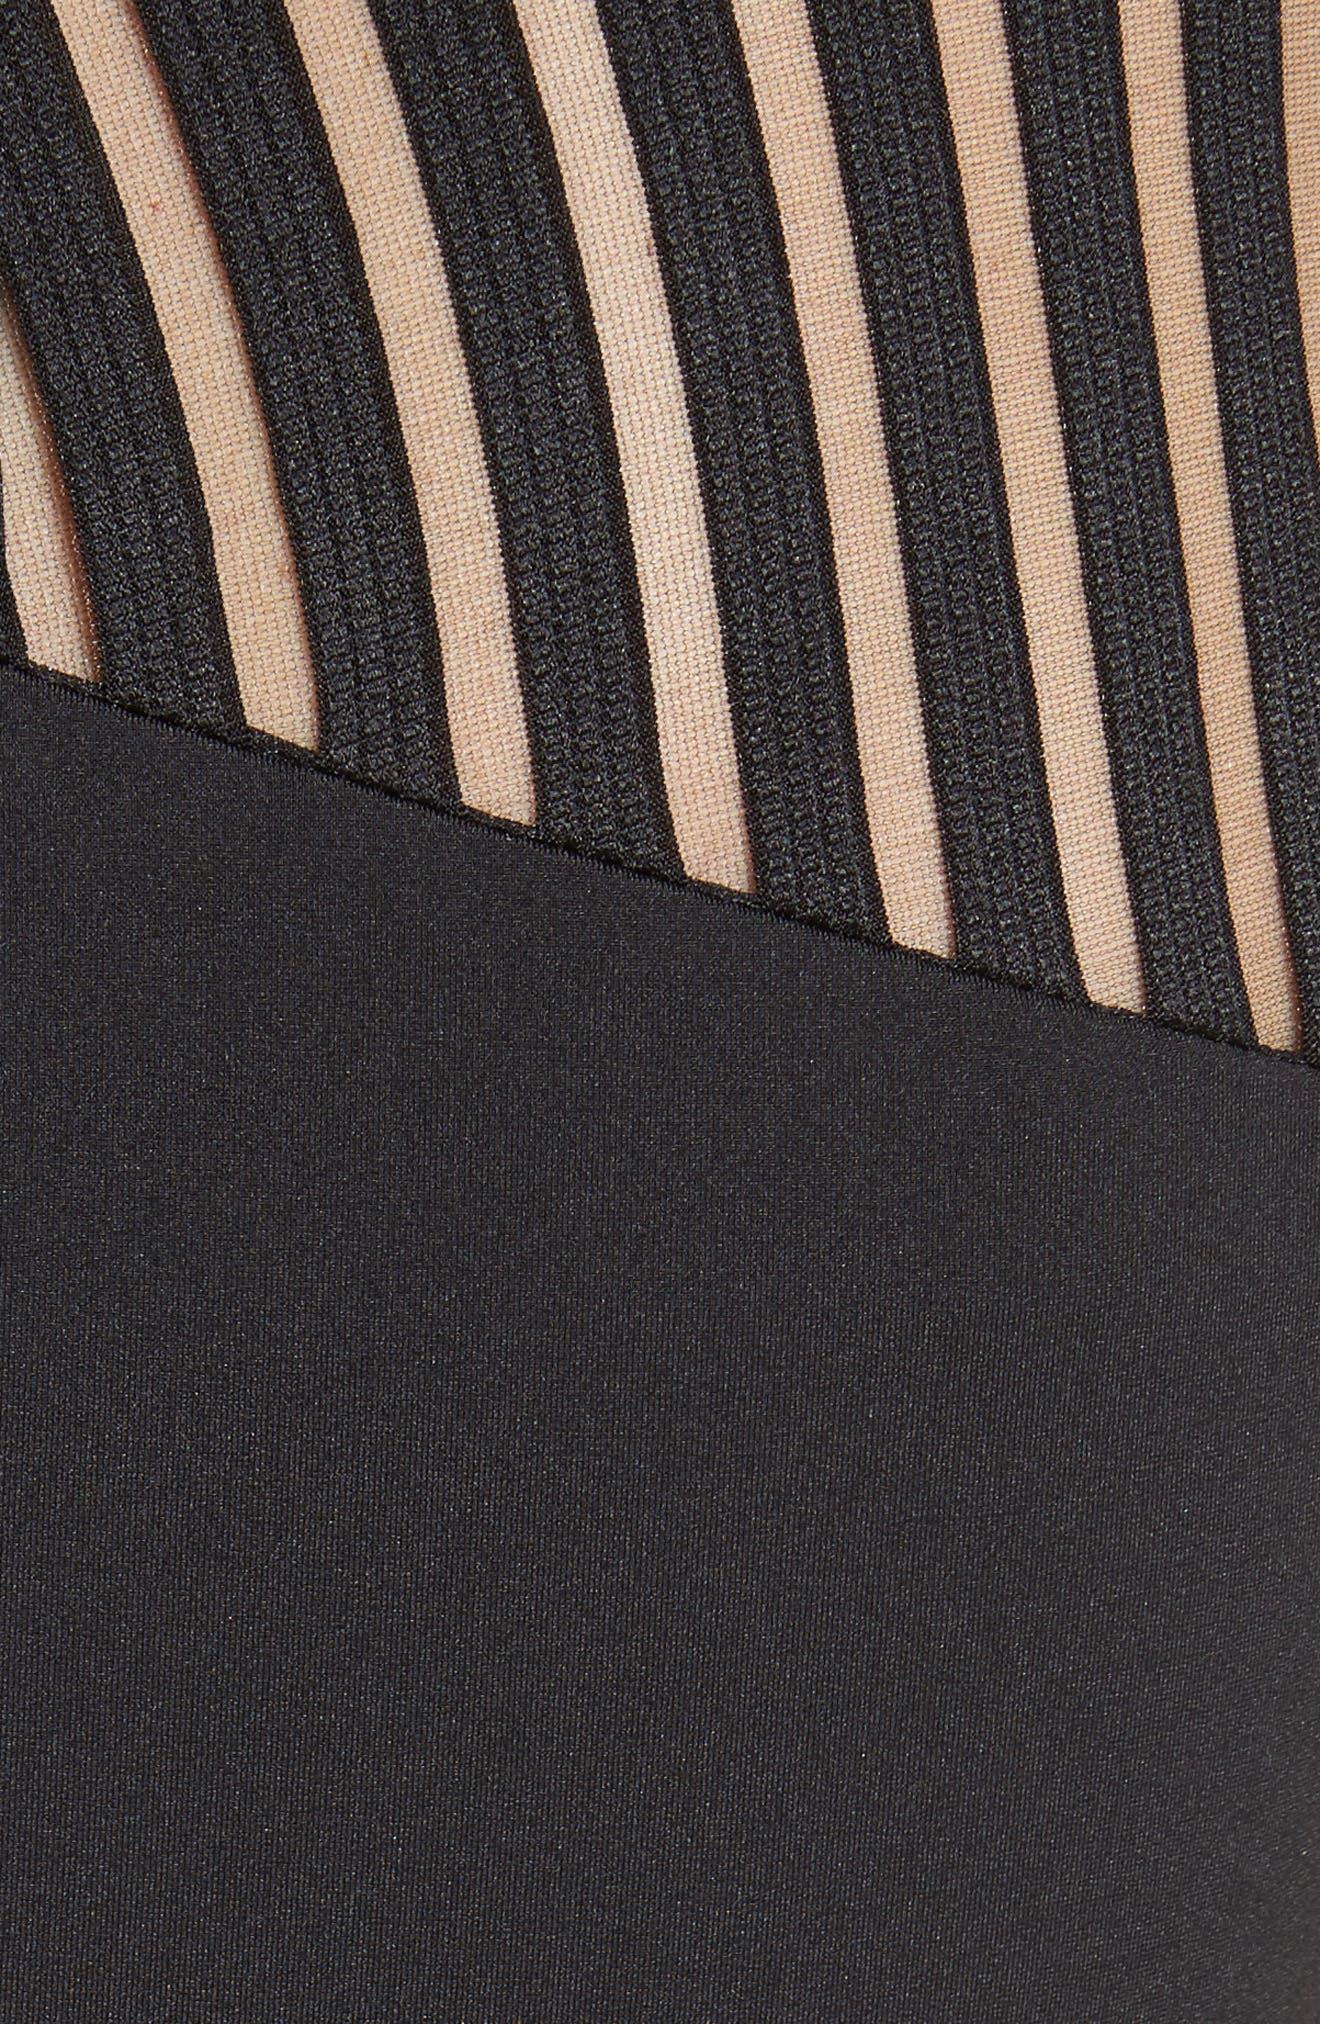 Lucette Mesh Detail Body Con Dress,                             Alternate thumbnail 5, color,                             Black